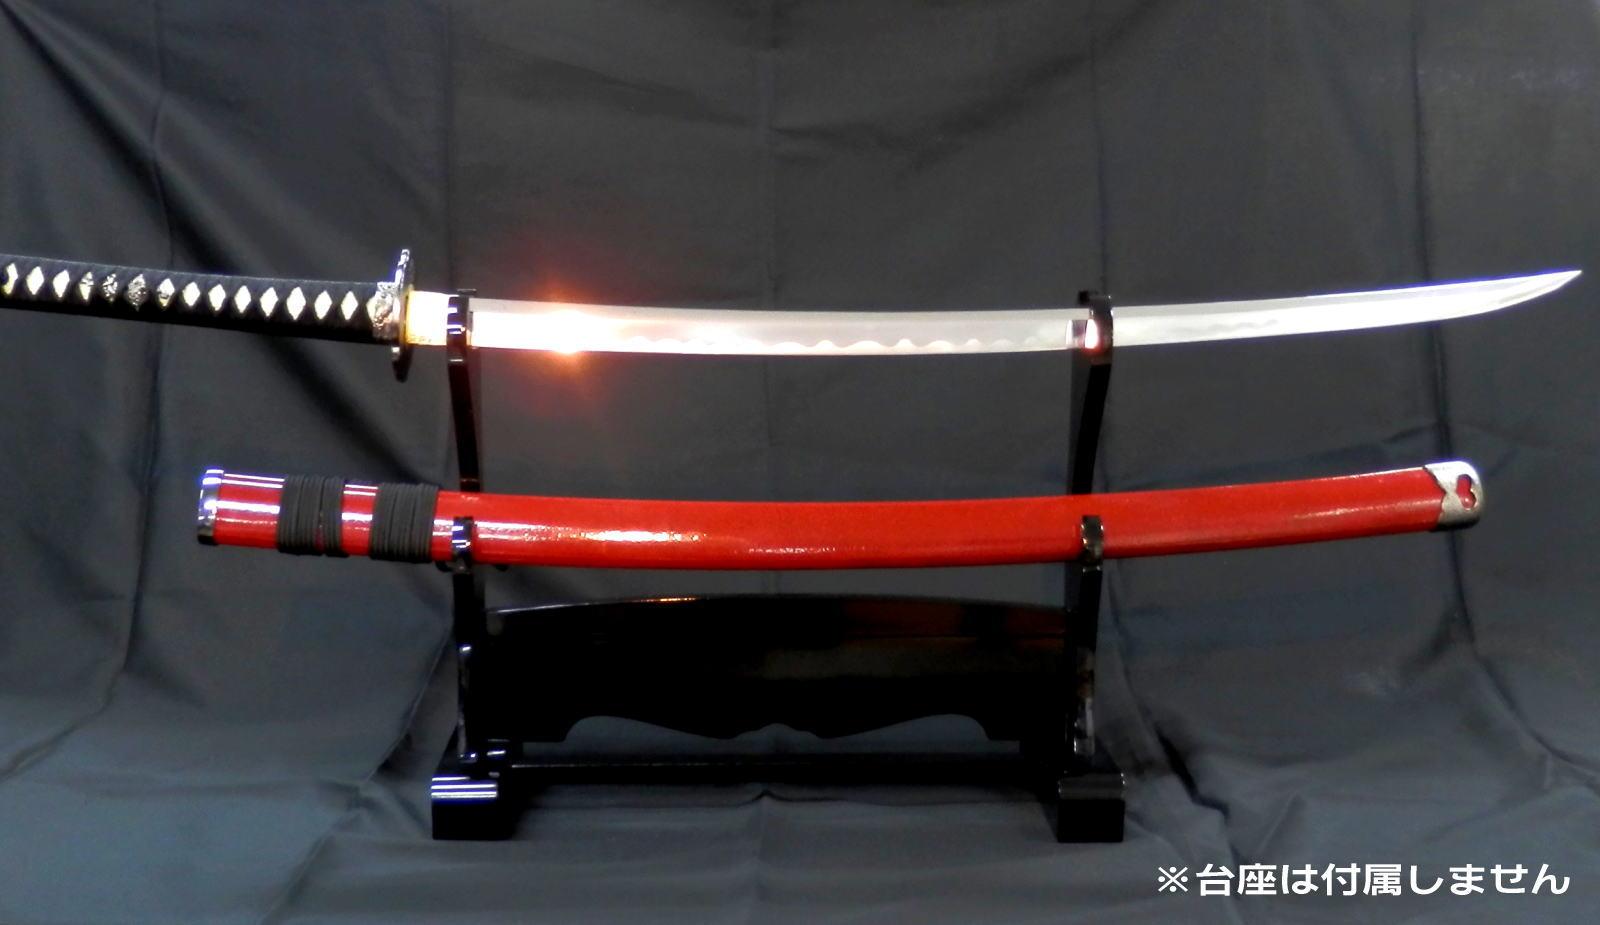 【即納】匠刀房 NEU-151 刀匠シリーズ 和泉守兼定 大刀 日本刀 美術刀 模造刀